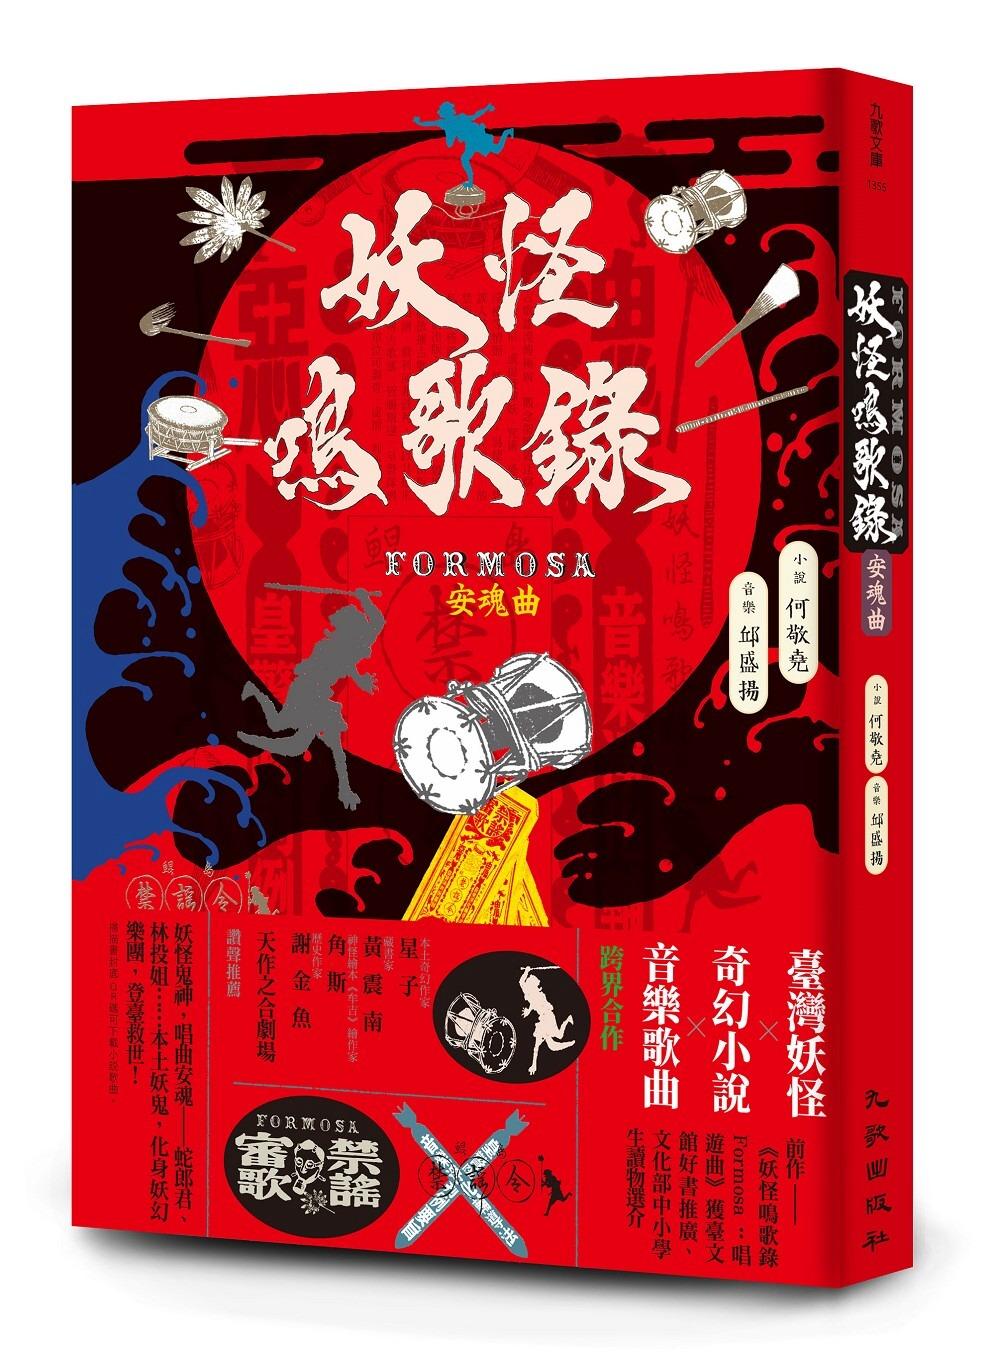 妖怪鳴歌錄Formosa:安魂曲